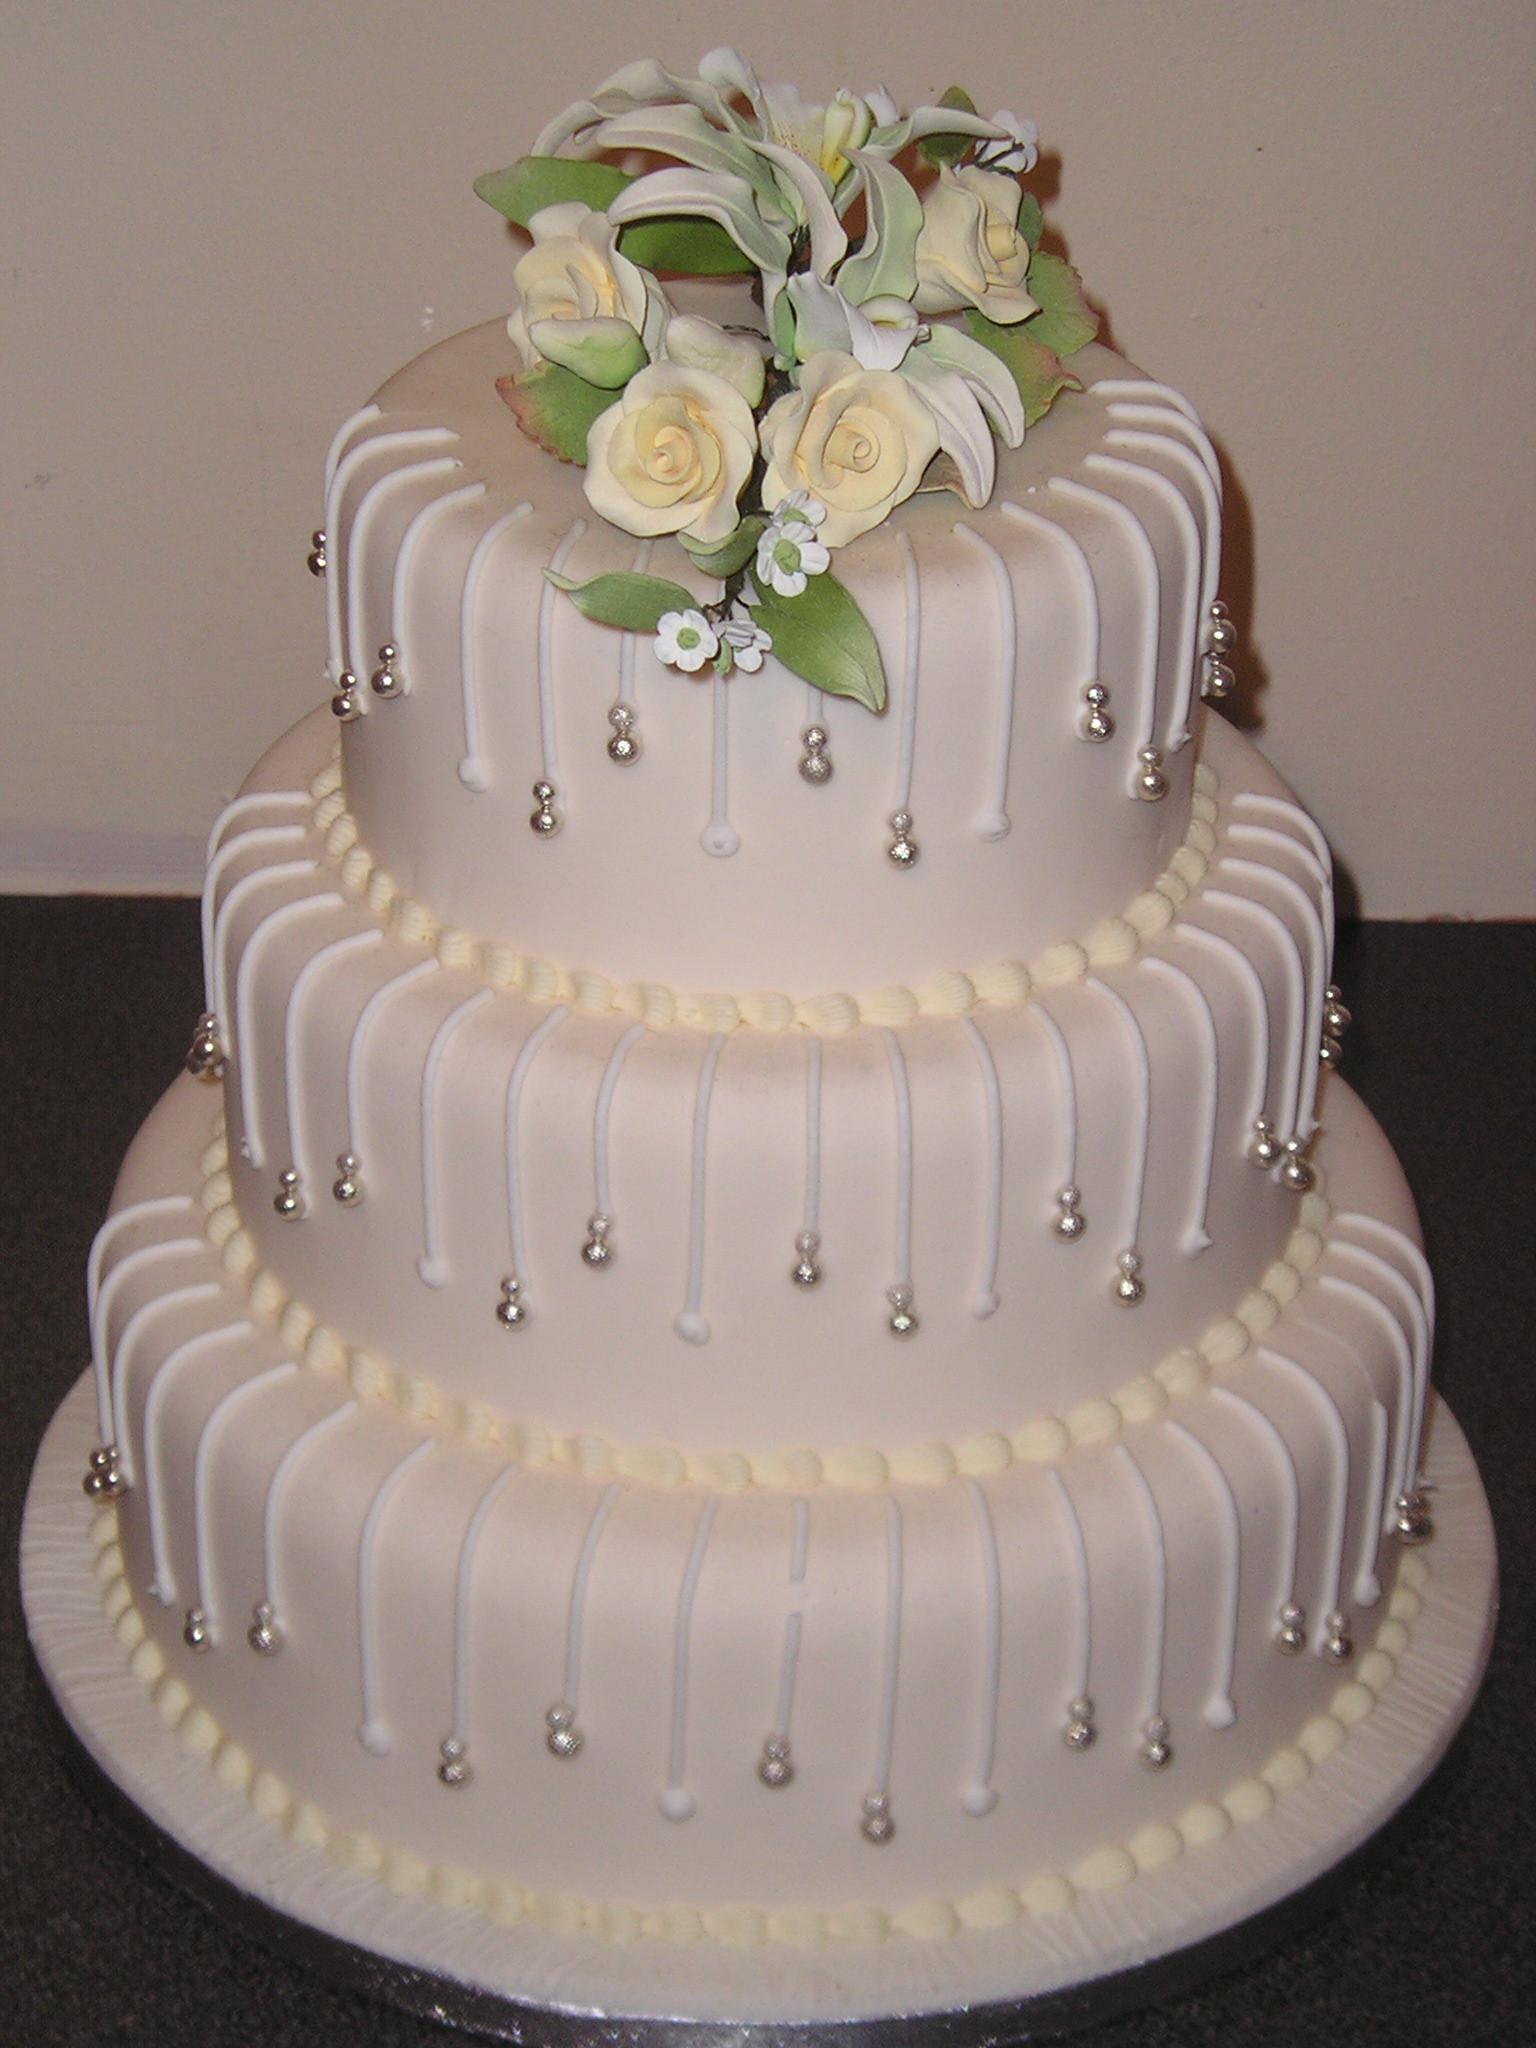 Small Elegant Wedding Cakes  wedding cake toppers Small Wedding Cake Toppers